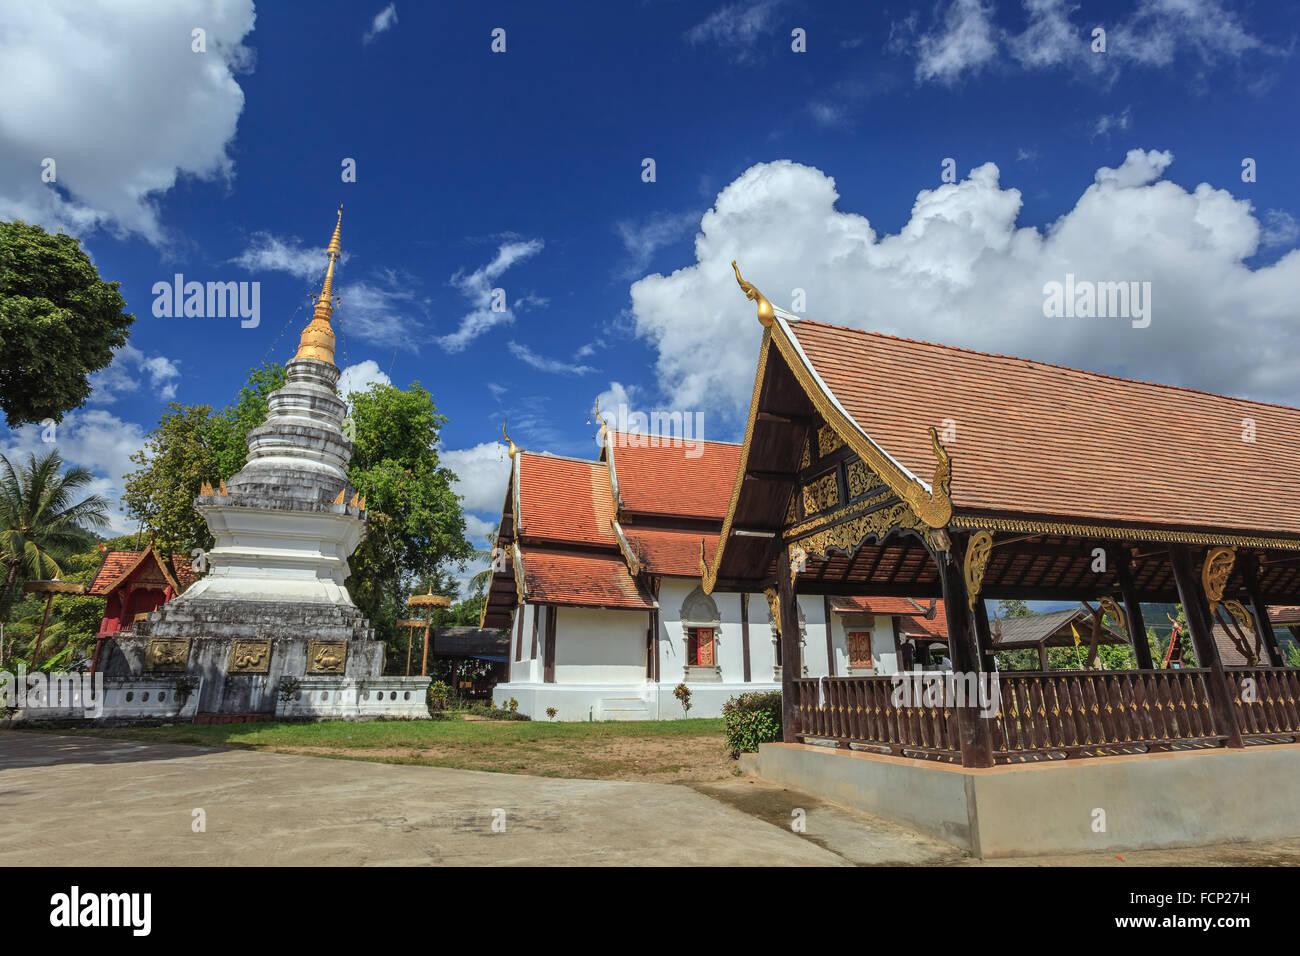 Vieux temple à Chiang Mai province de Thaïlande Photo Stock